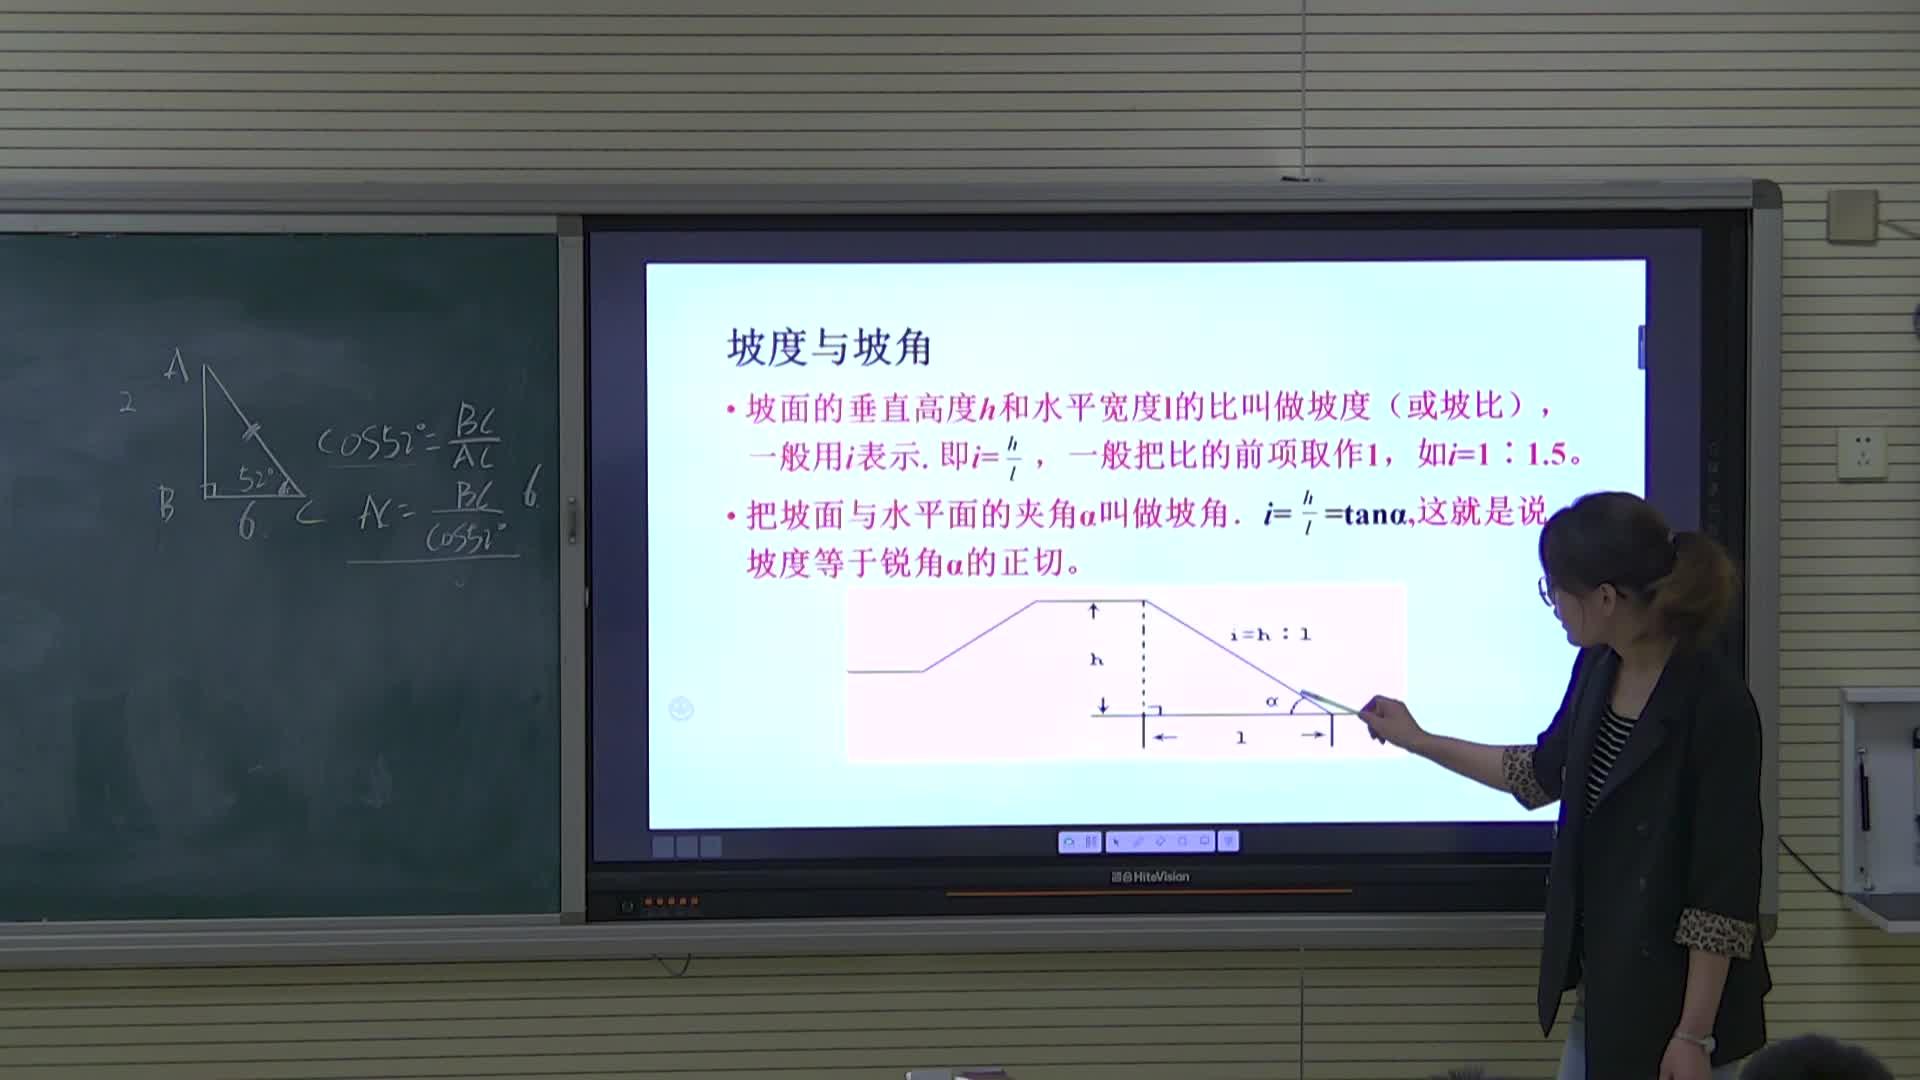 【公开课】冀教版九年级数学上册 解直角三角形复习课(视频)